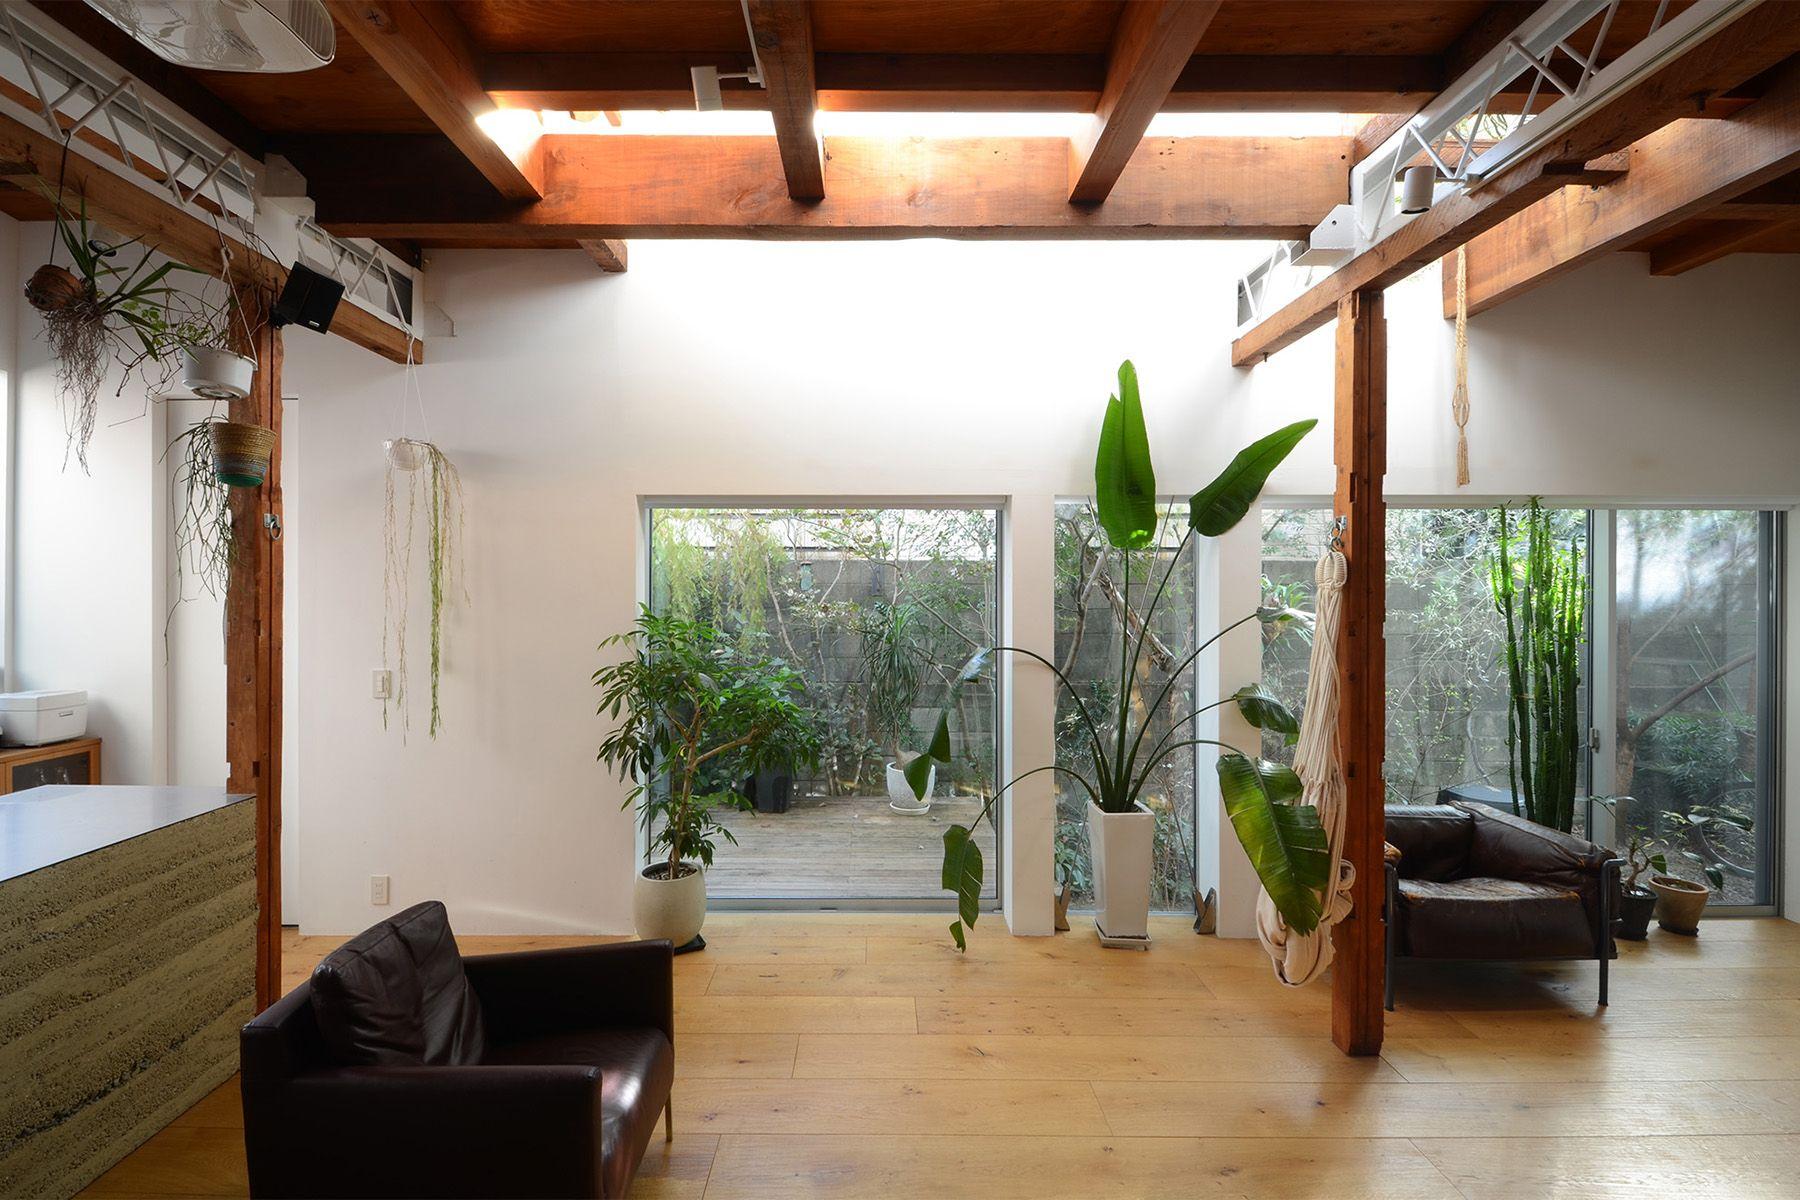 vert/個人宅 (ヴェール)1Fバルコニー側(窓の方角は南)